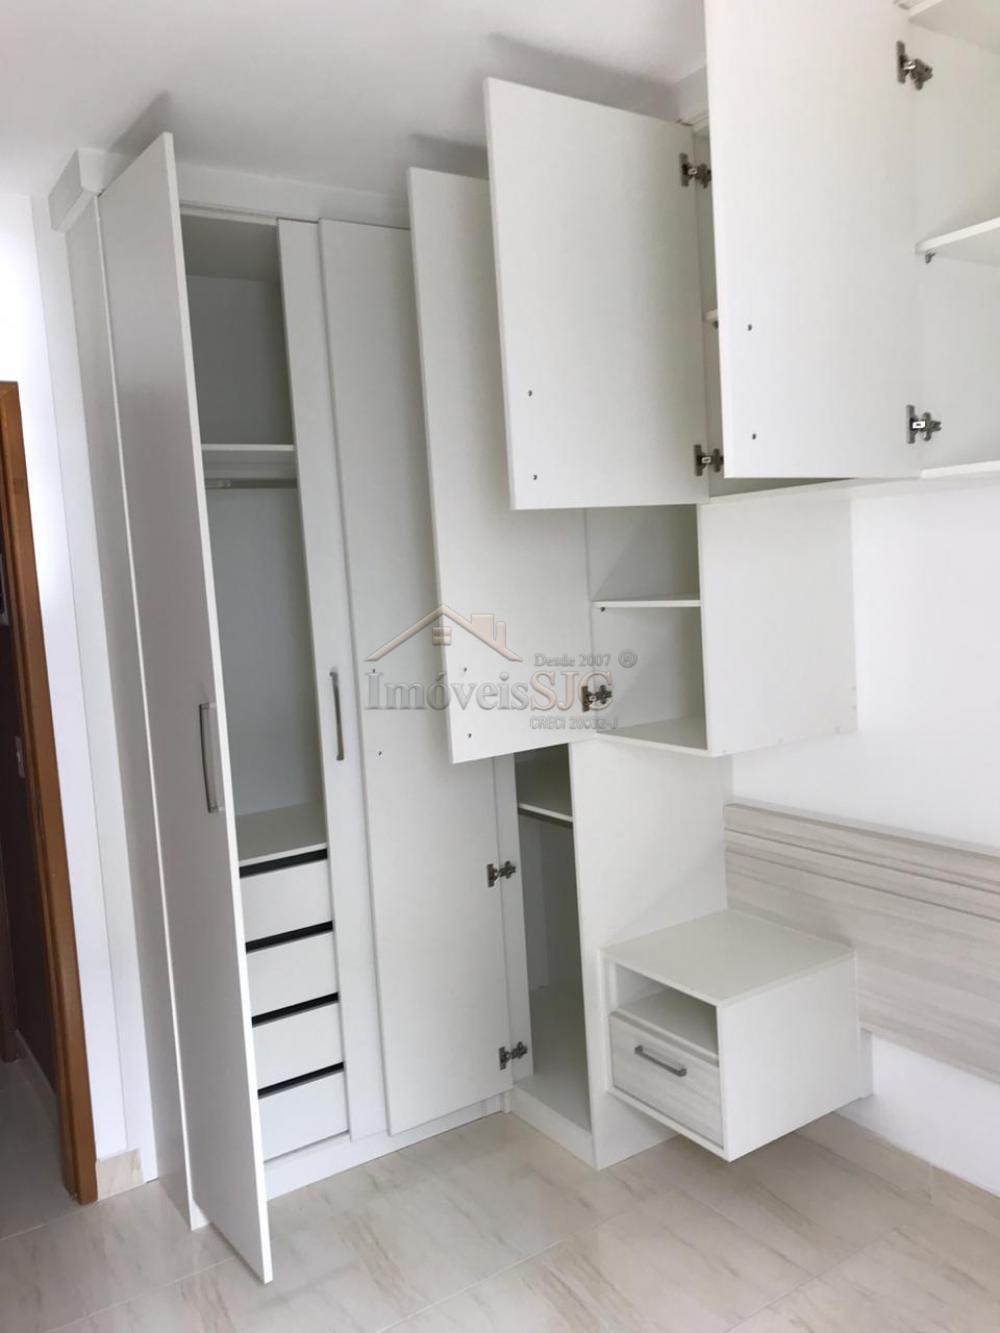 Comprar Casas / Padrão em São José dos Campos apenas R$ 290.000,00 - Foto 13